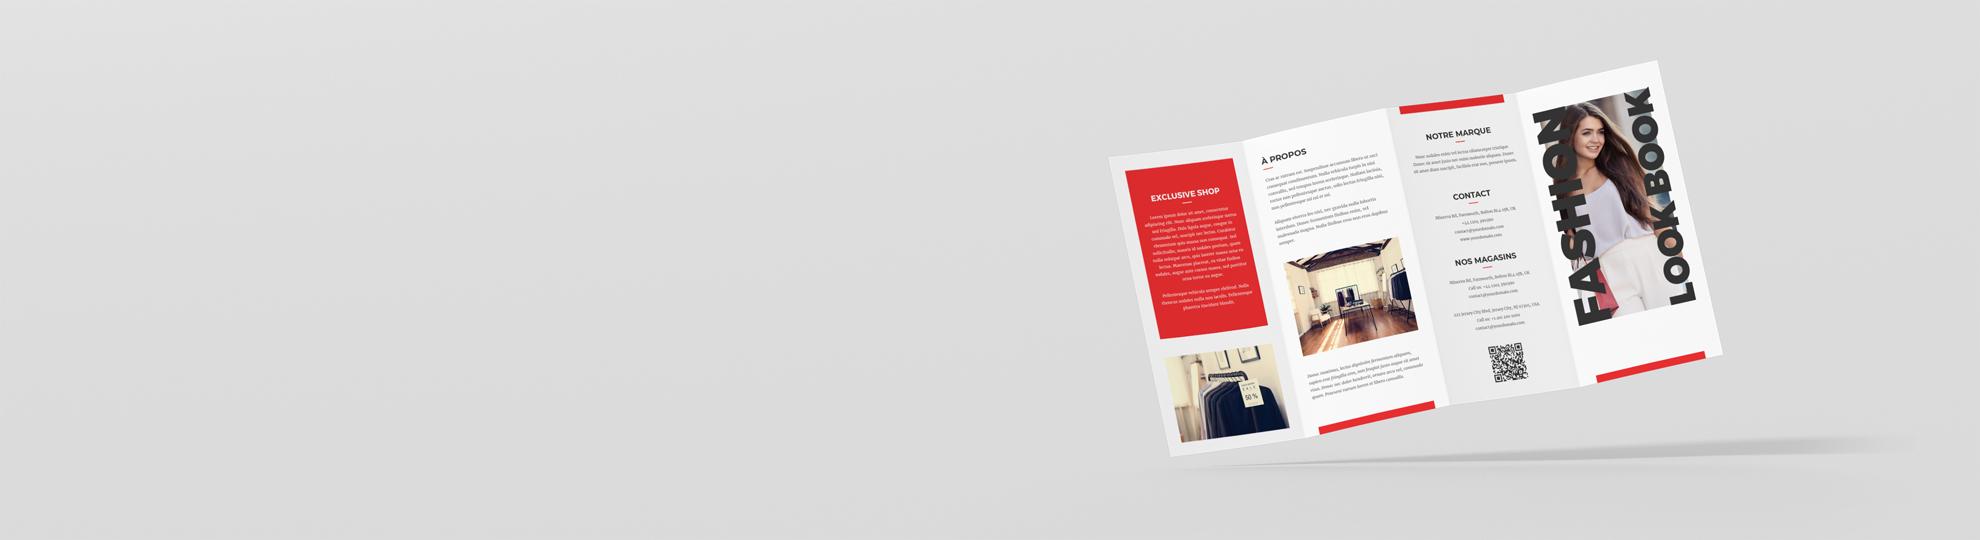 Imprimer dépliant pli accordéon 4 volets standard personnalisé